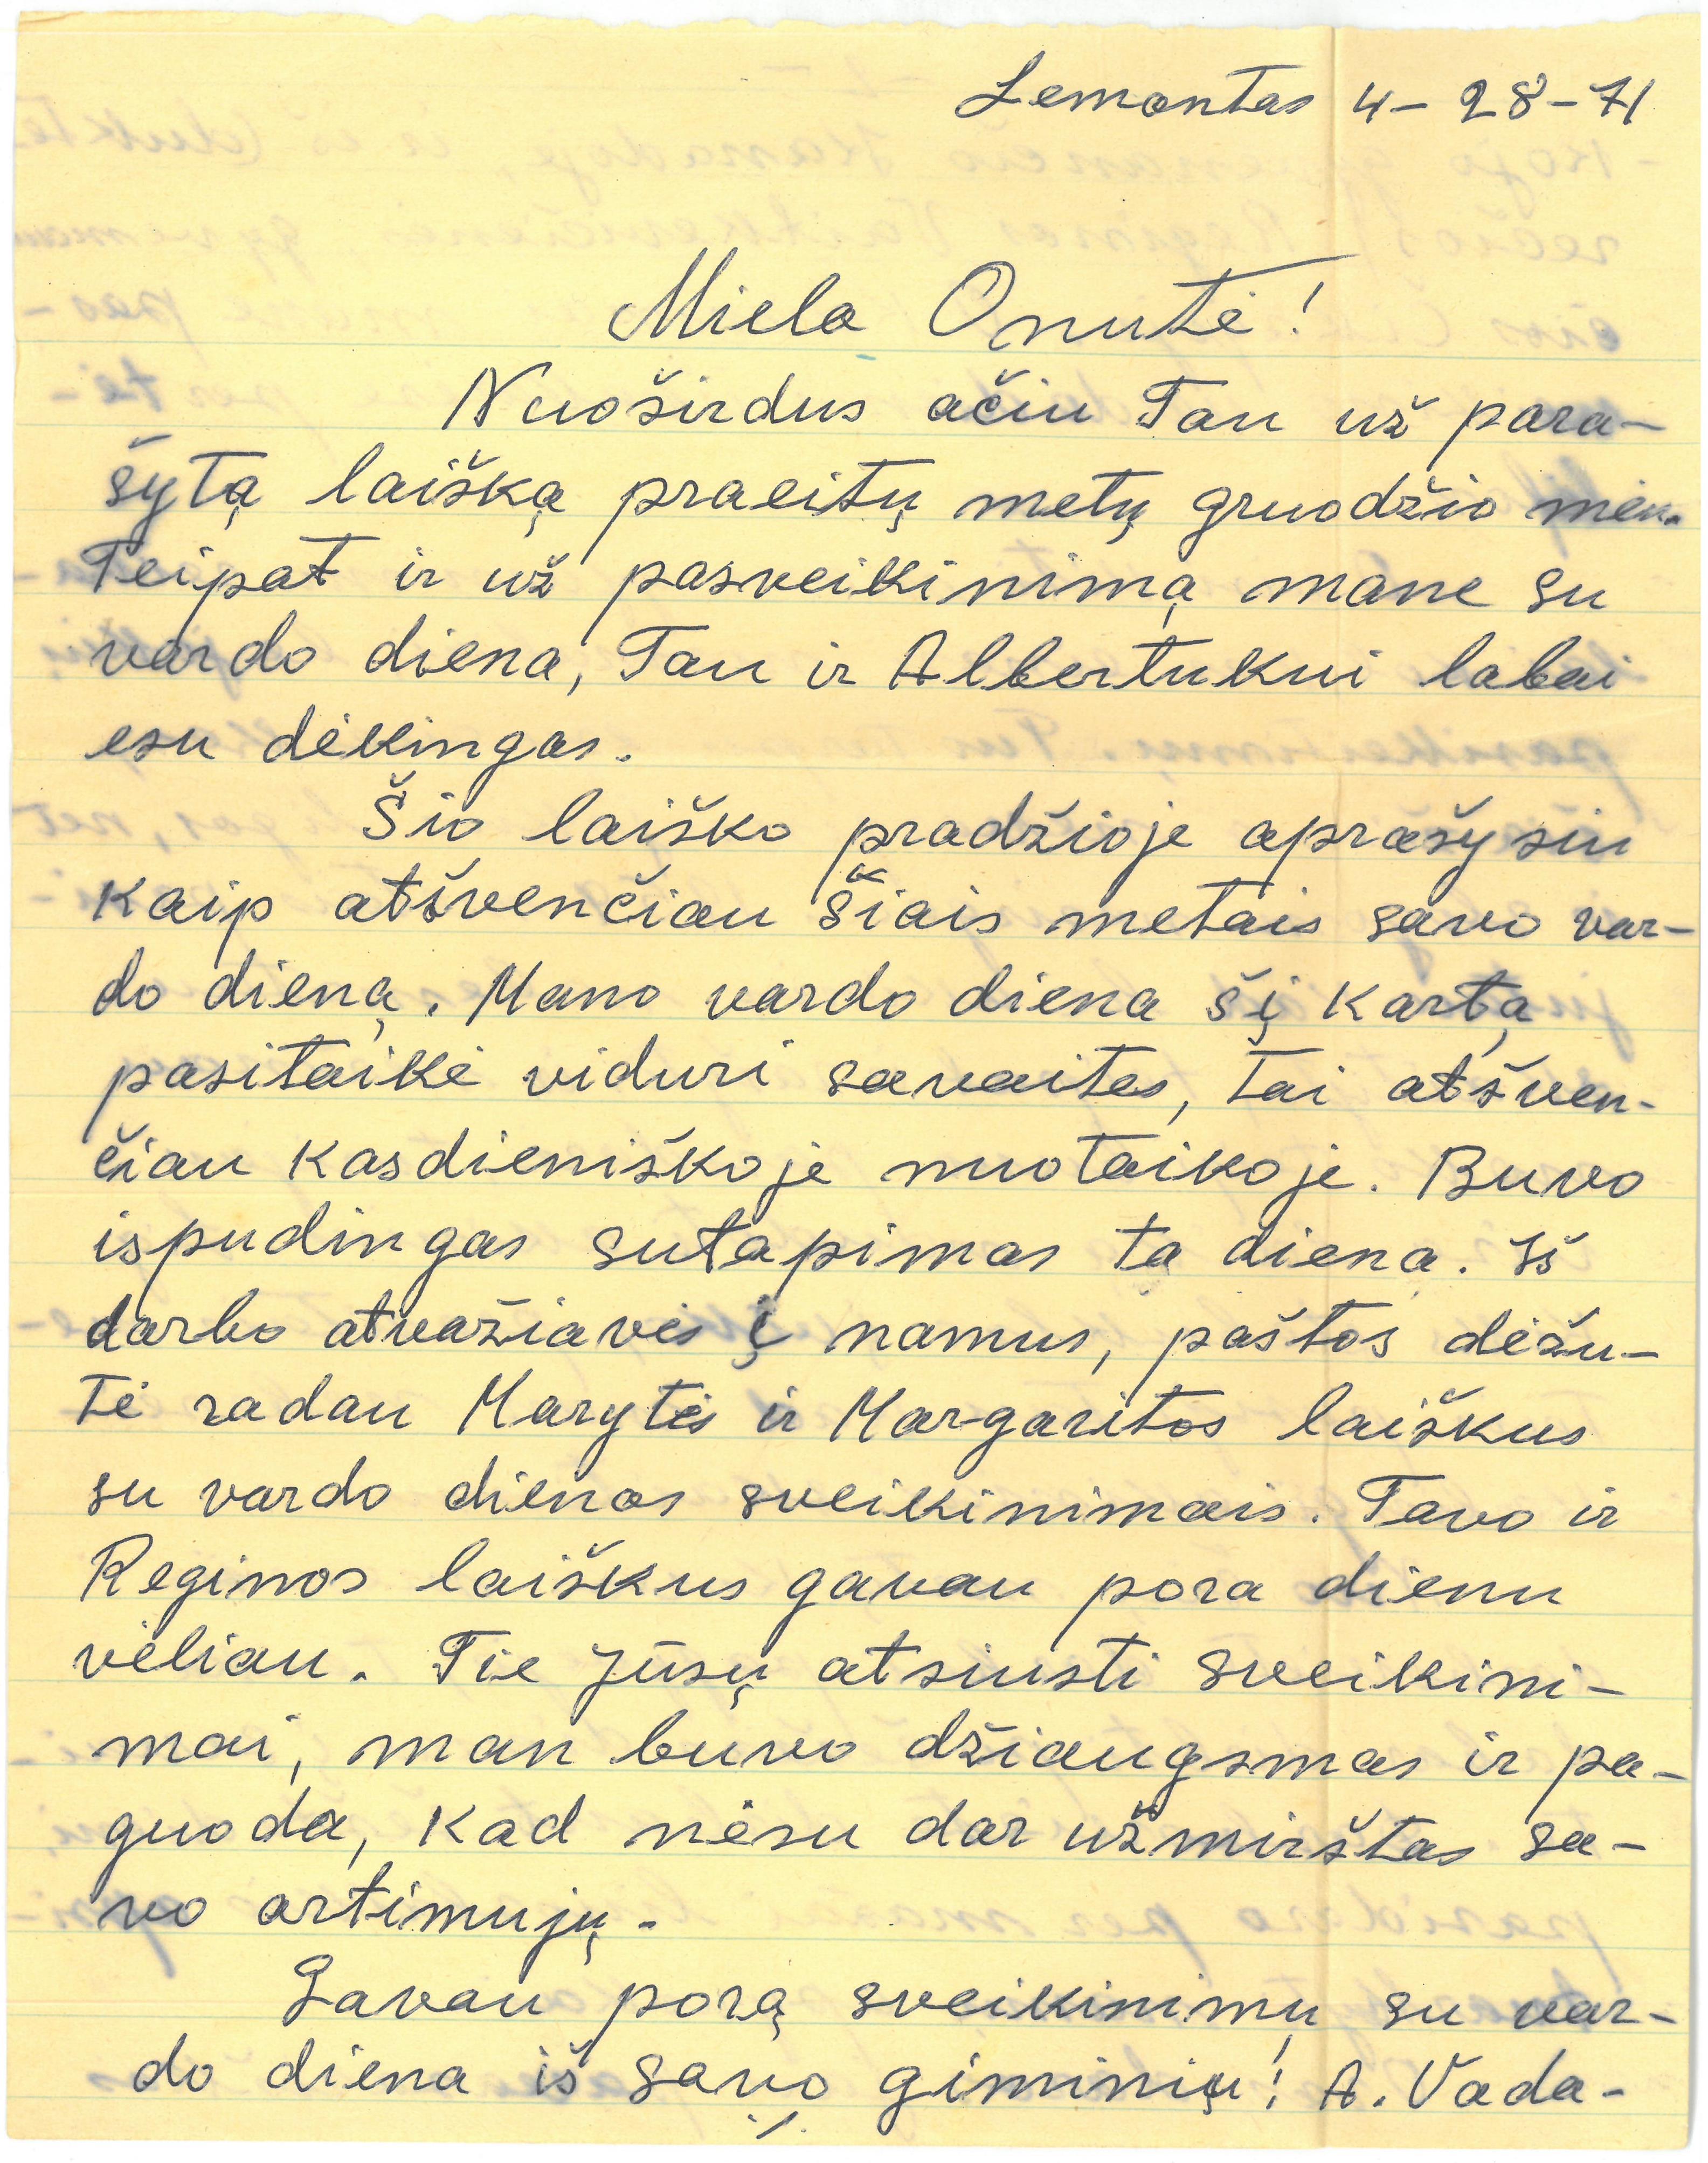 Kazio Balčiūno laiškas žmonai Onai Balčiūnienei. 1971 m. balandžio 28 d.